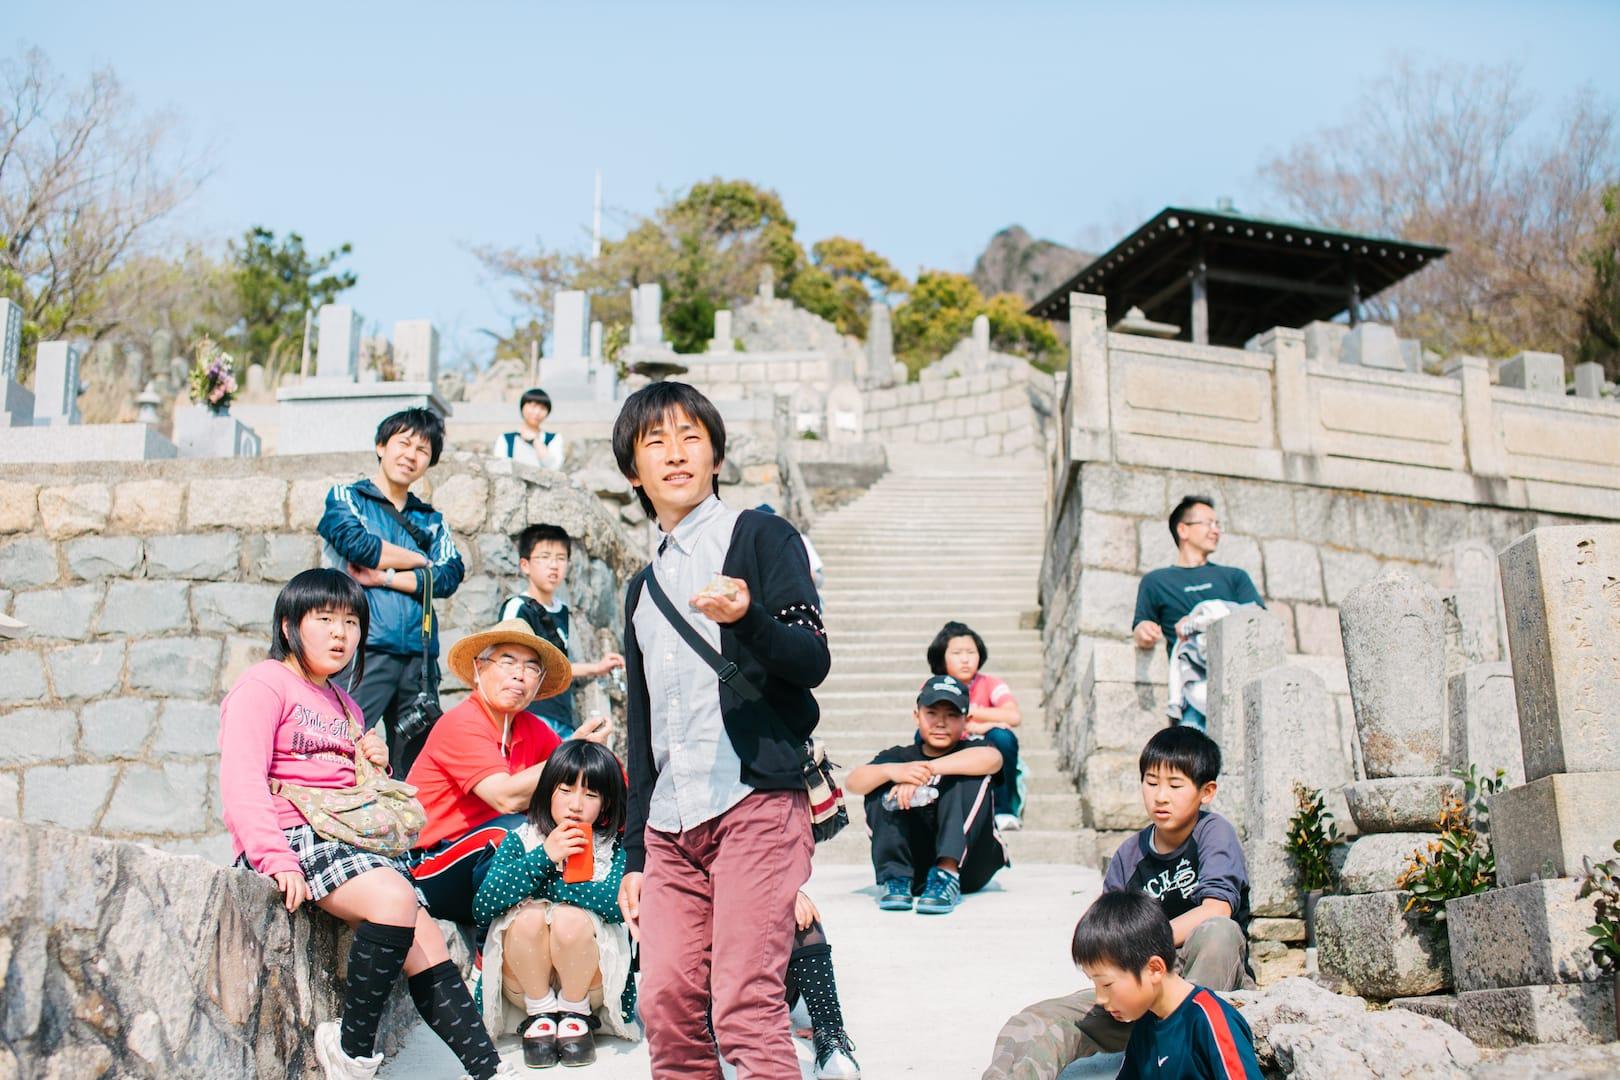 大石将弘 おさんぽ演劇『さかのぼり、まだ見ぬ家へ』(2013)撮影:濱田英明